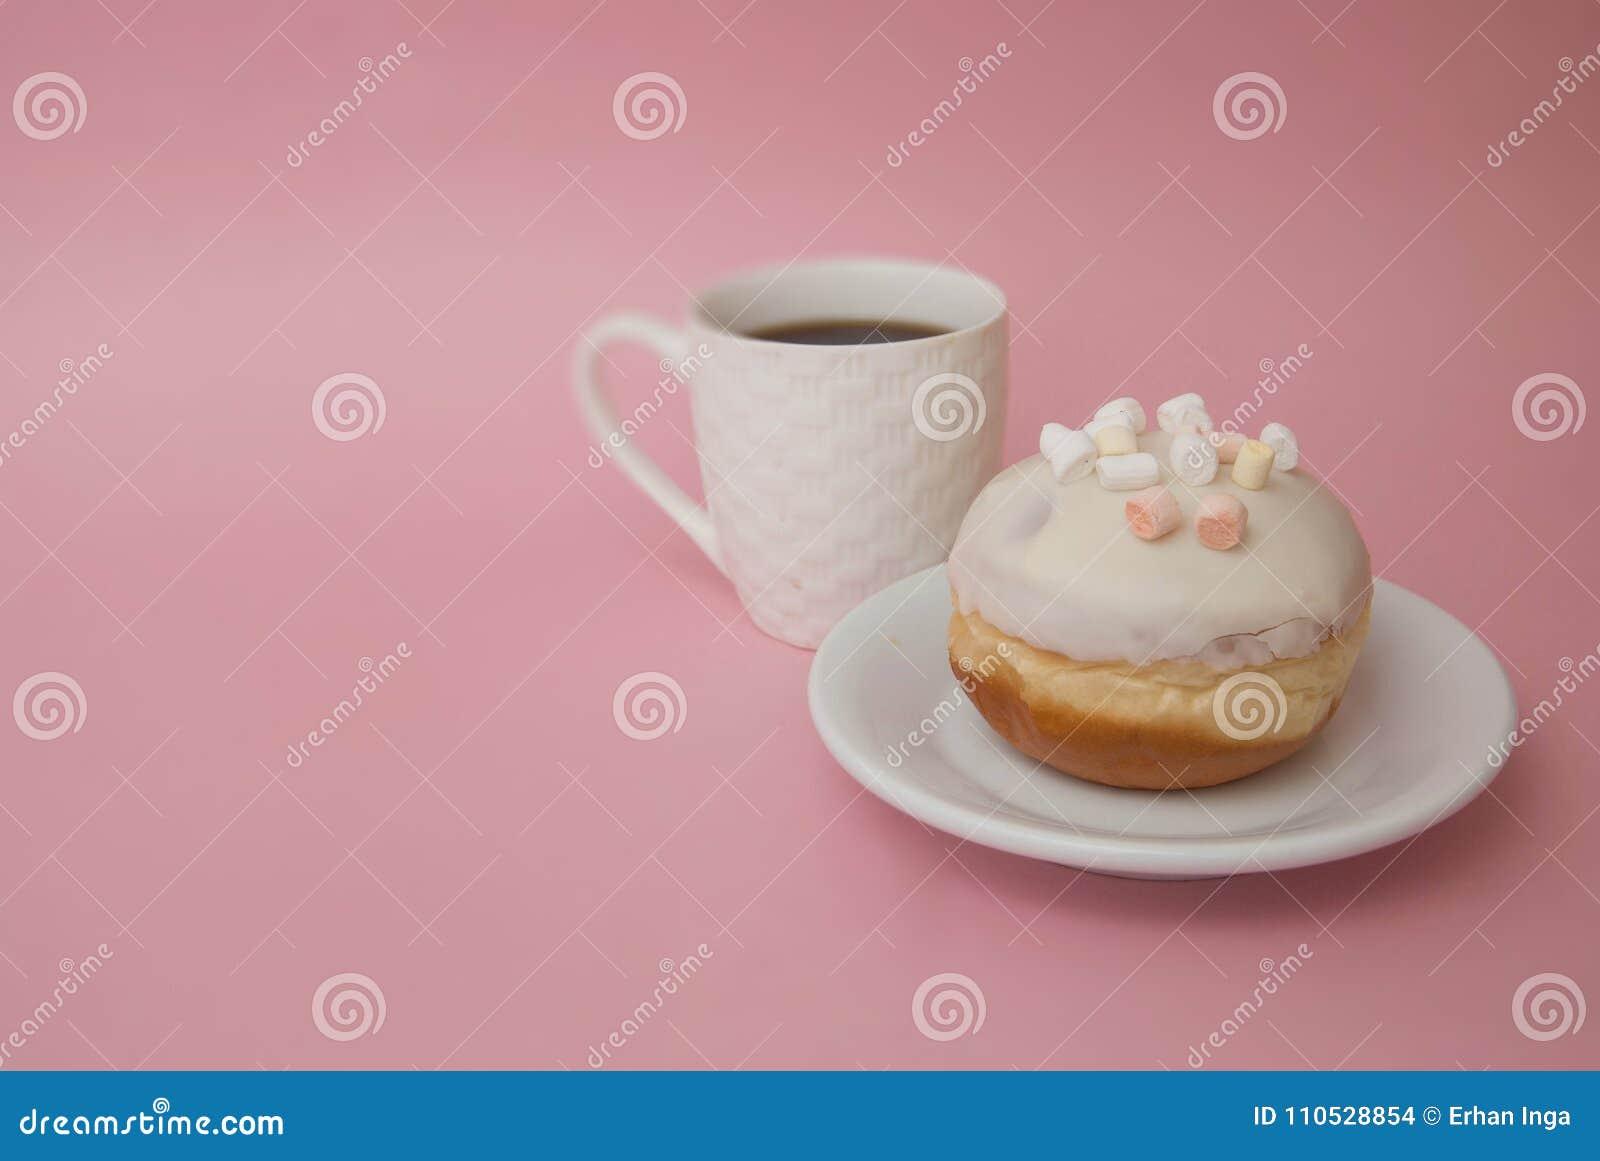 Kop van koffie en een Dessert Doughnuts met Wit Suikerglazuur op Witte Plaat over Pastelkleur Roze Achtergrond Zoet Dessert Donut